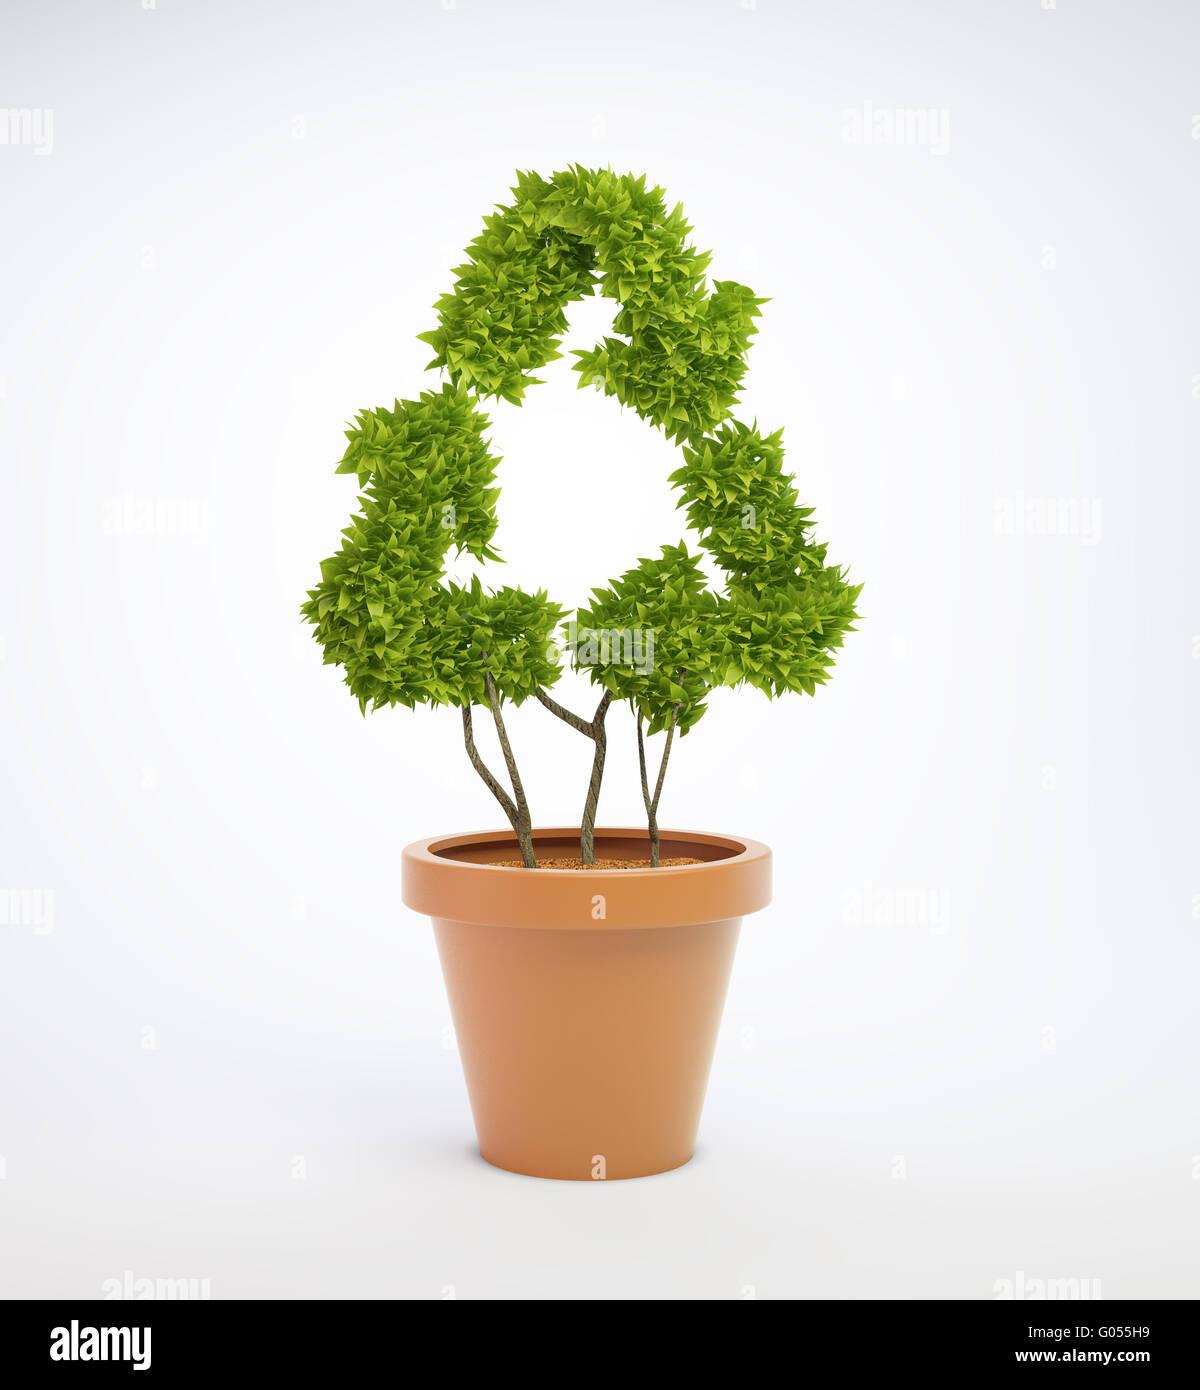 Planta en una maceta con forma de símbolo de reciclaje Imagen De Stock